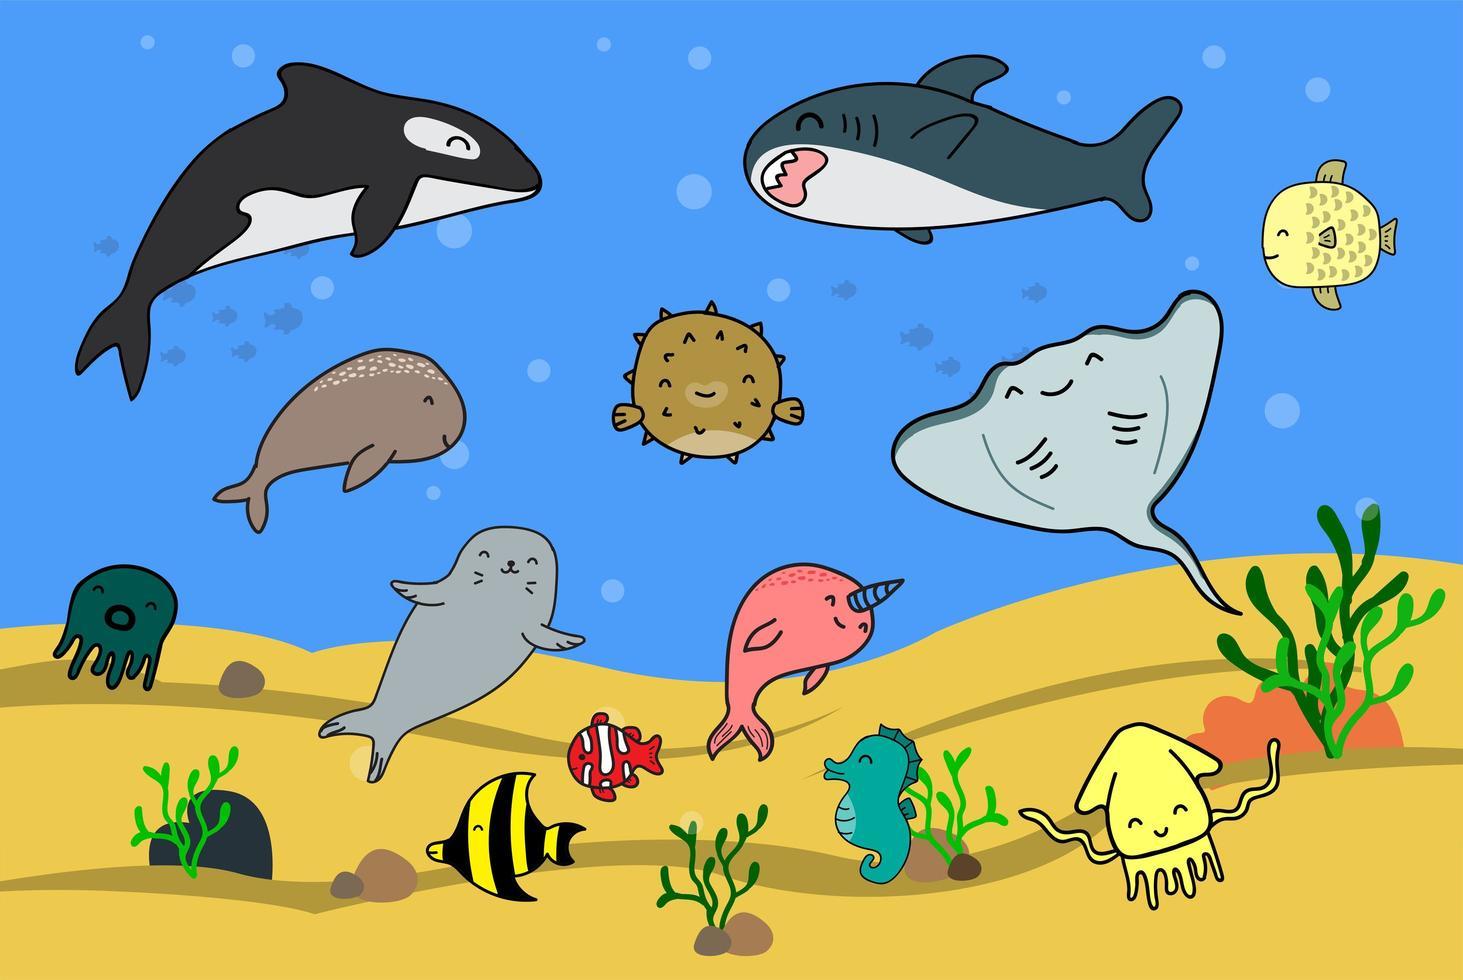 lindos dibujos animados de animales marinos vector